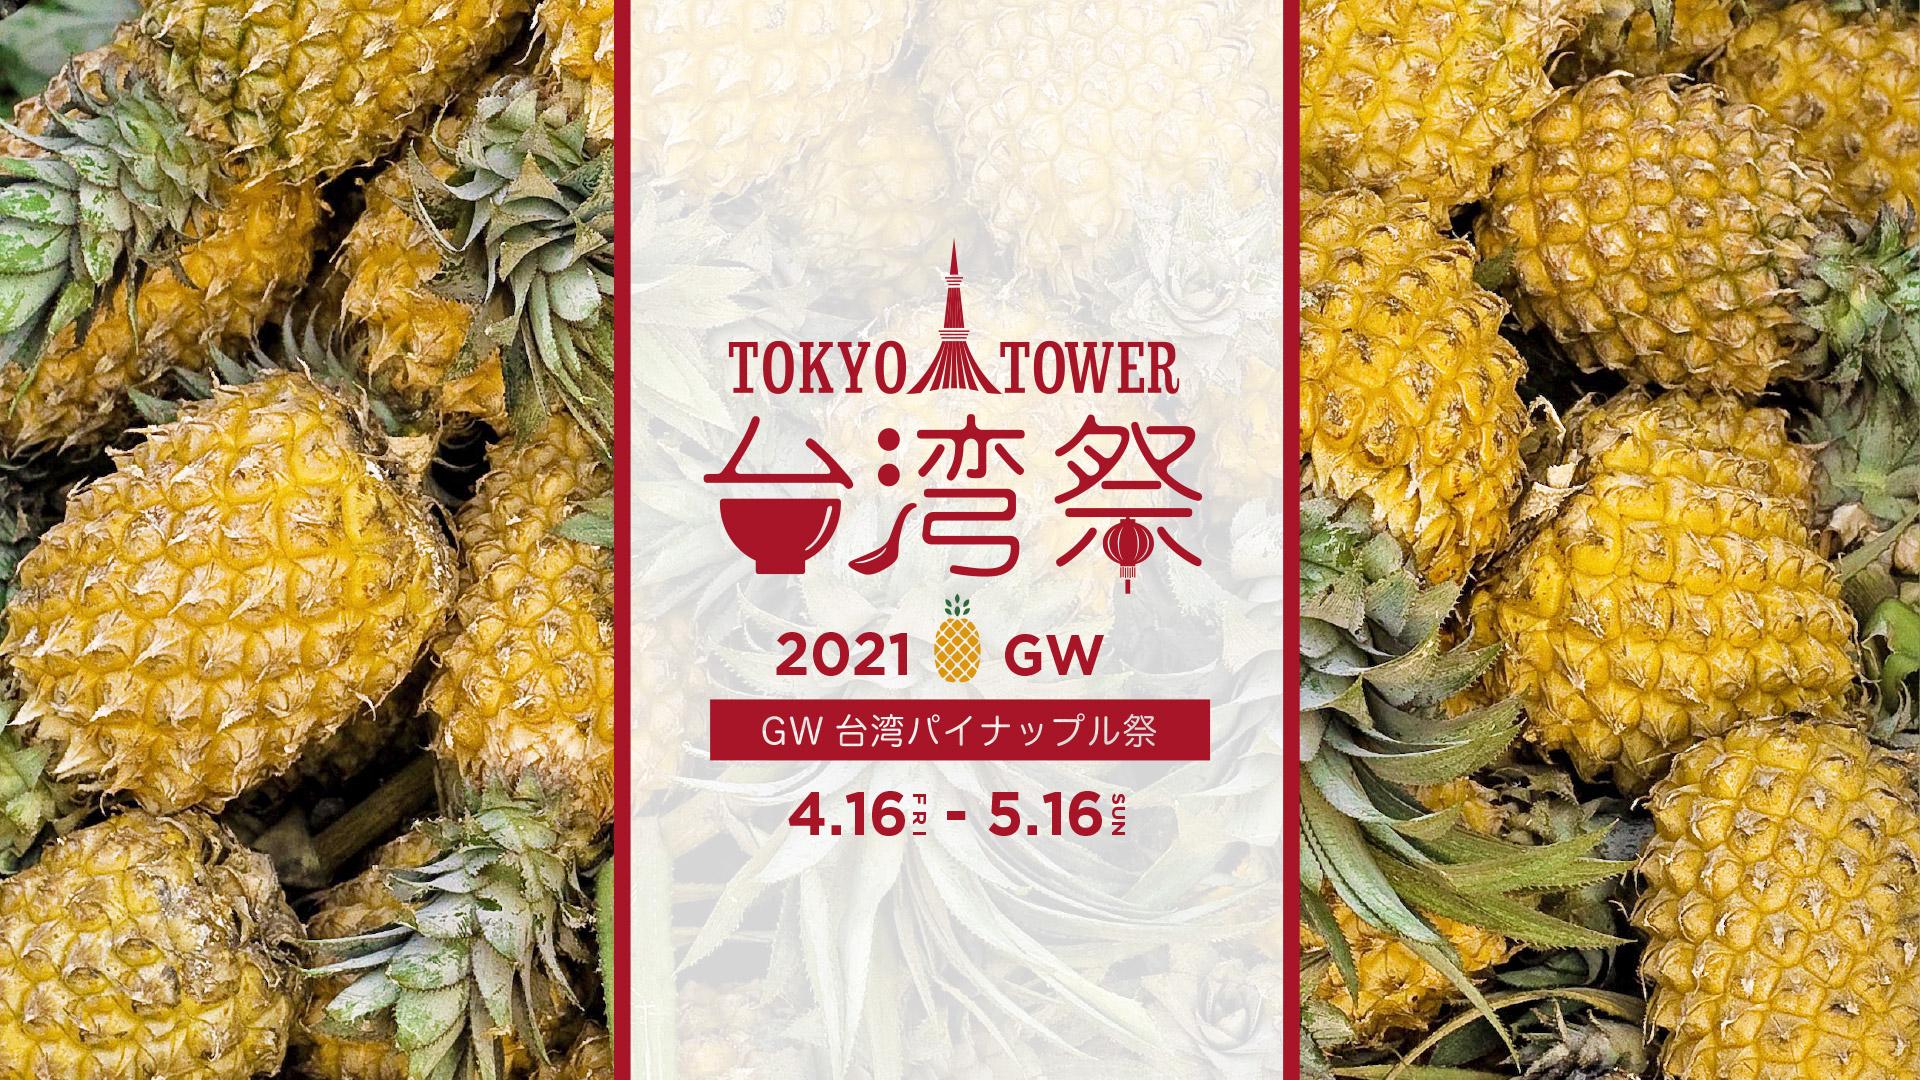 東京タワー台湾祭2021GW